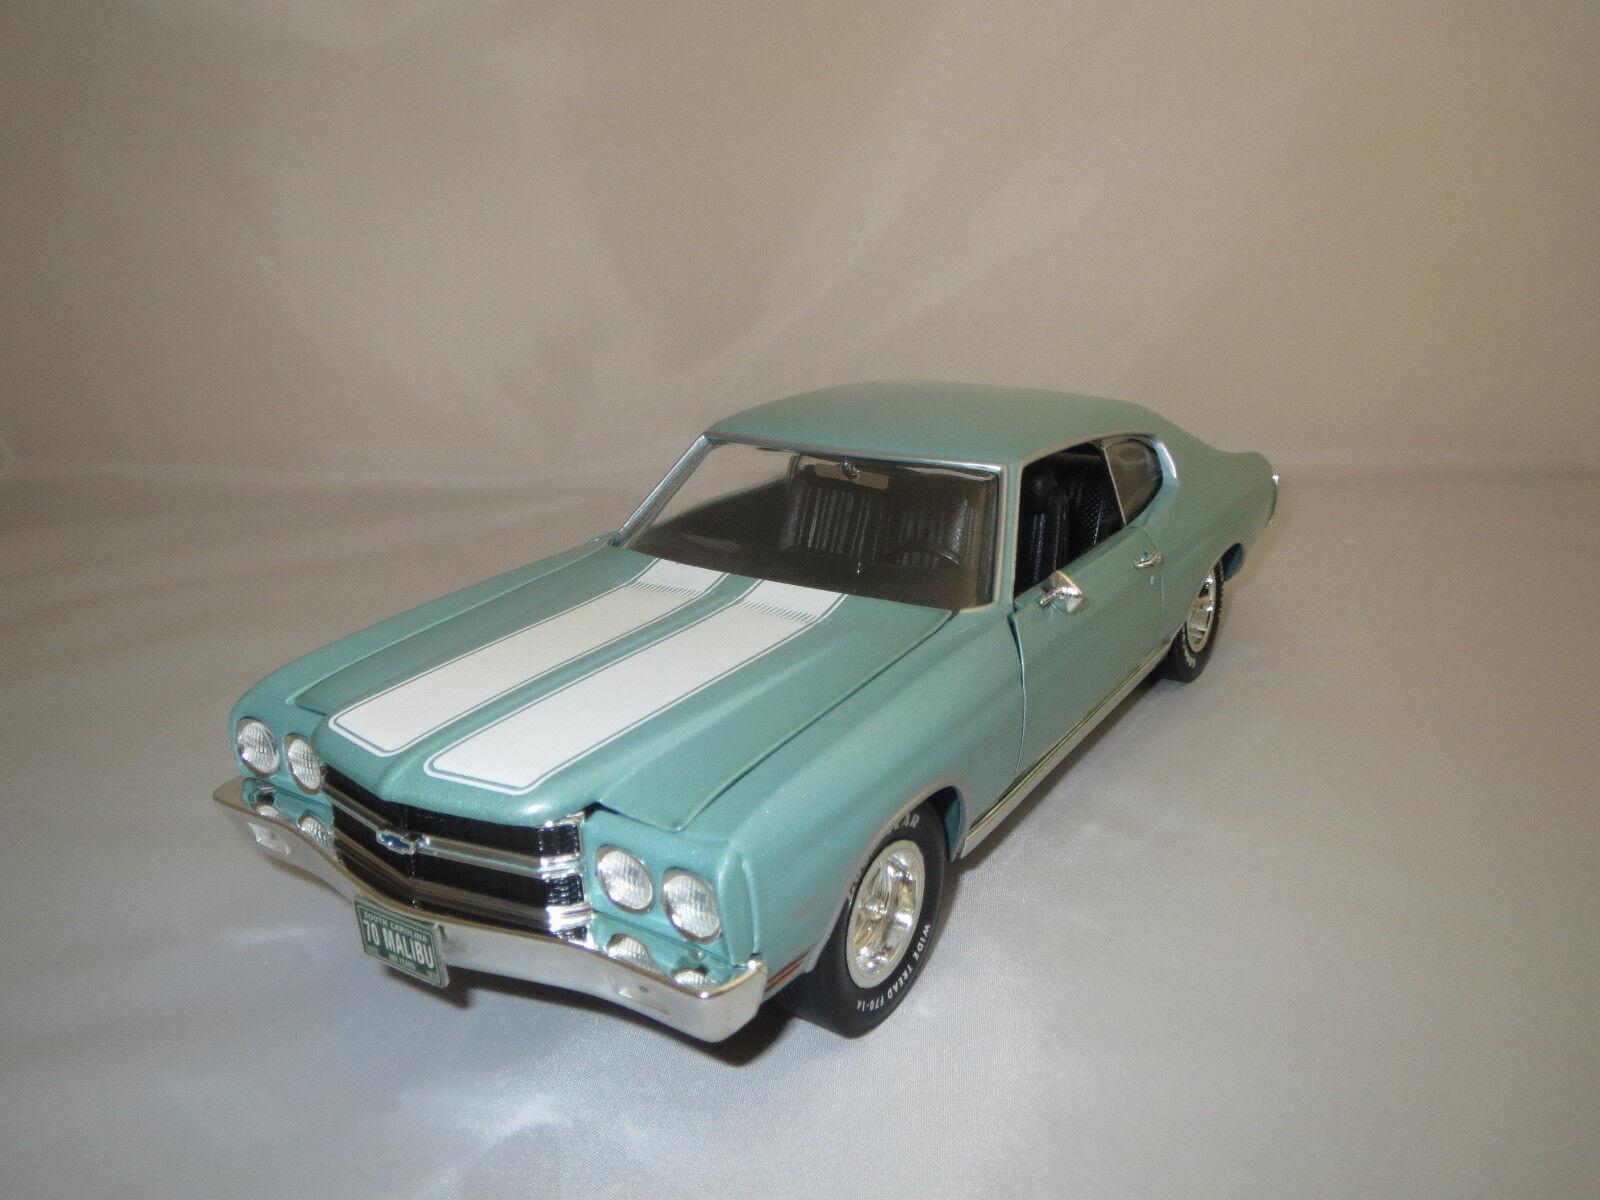 aquí tiene la última Ertl American muscle Chevrolet Chevelle Malibu (hellmint-met.) 1 18 sin sin sin VP.   gran descuento